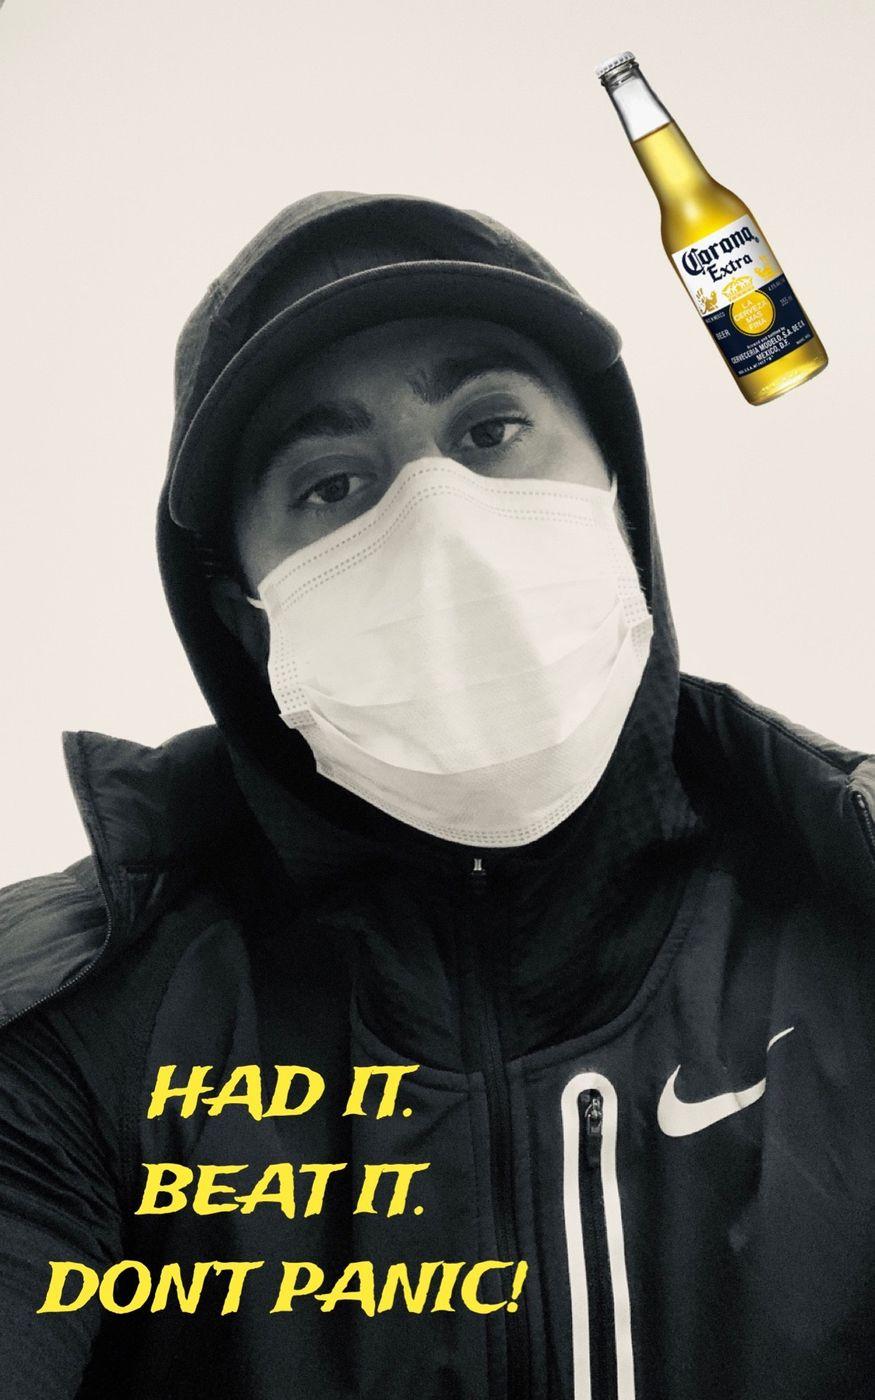 Coronavirus - HAD IT. BEAT IT. DON'T PANIC!